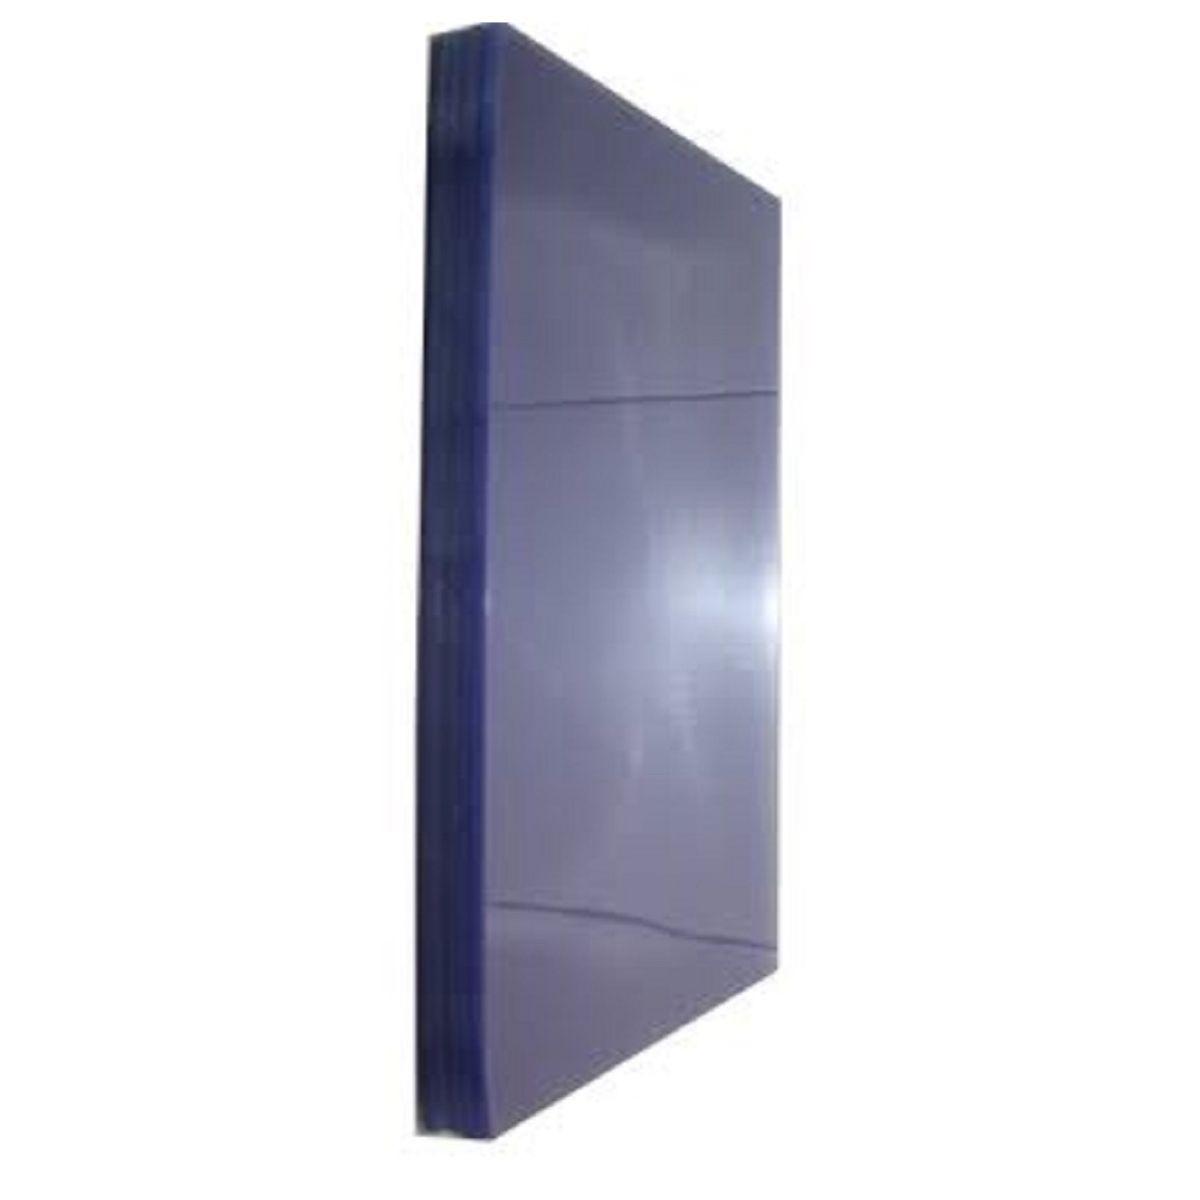 Capa para Encadernação Acetato 0,25mm Cristal A4 - Pacote com 100 unidades  - Click Suprimentos